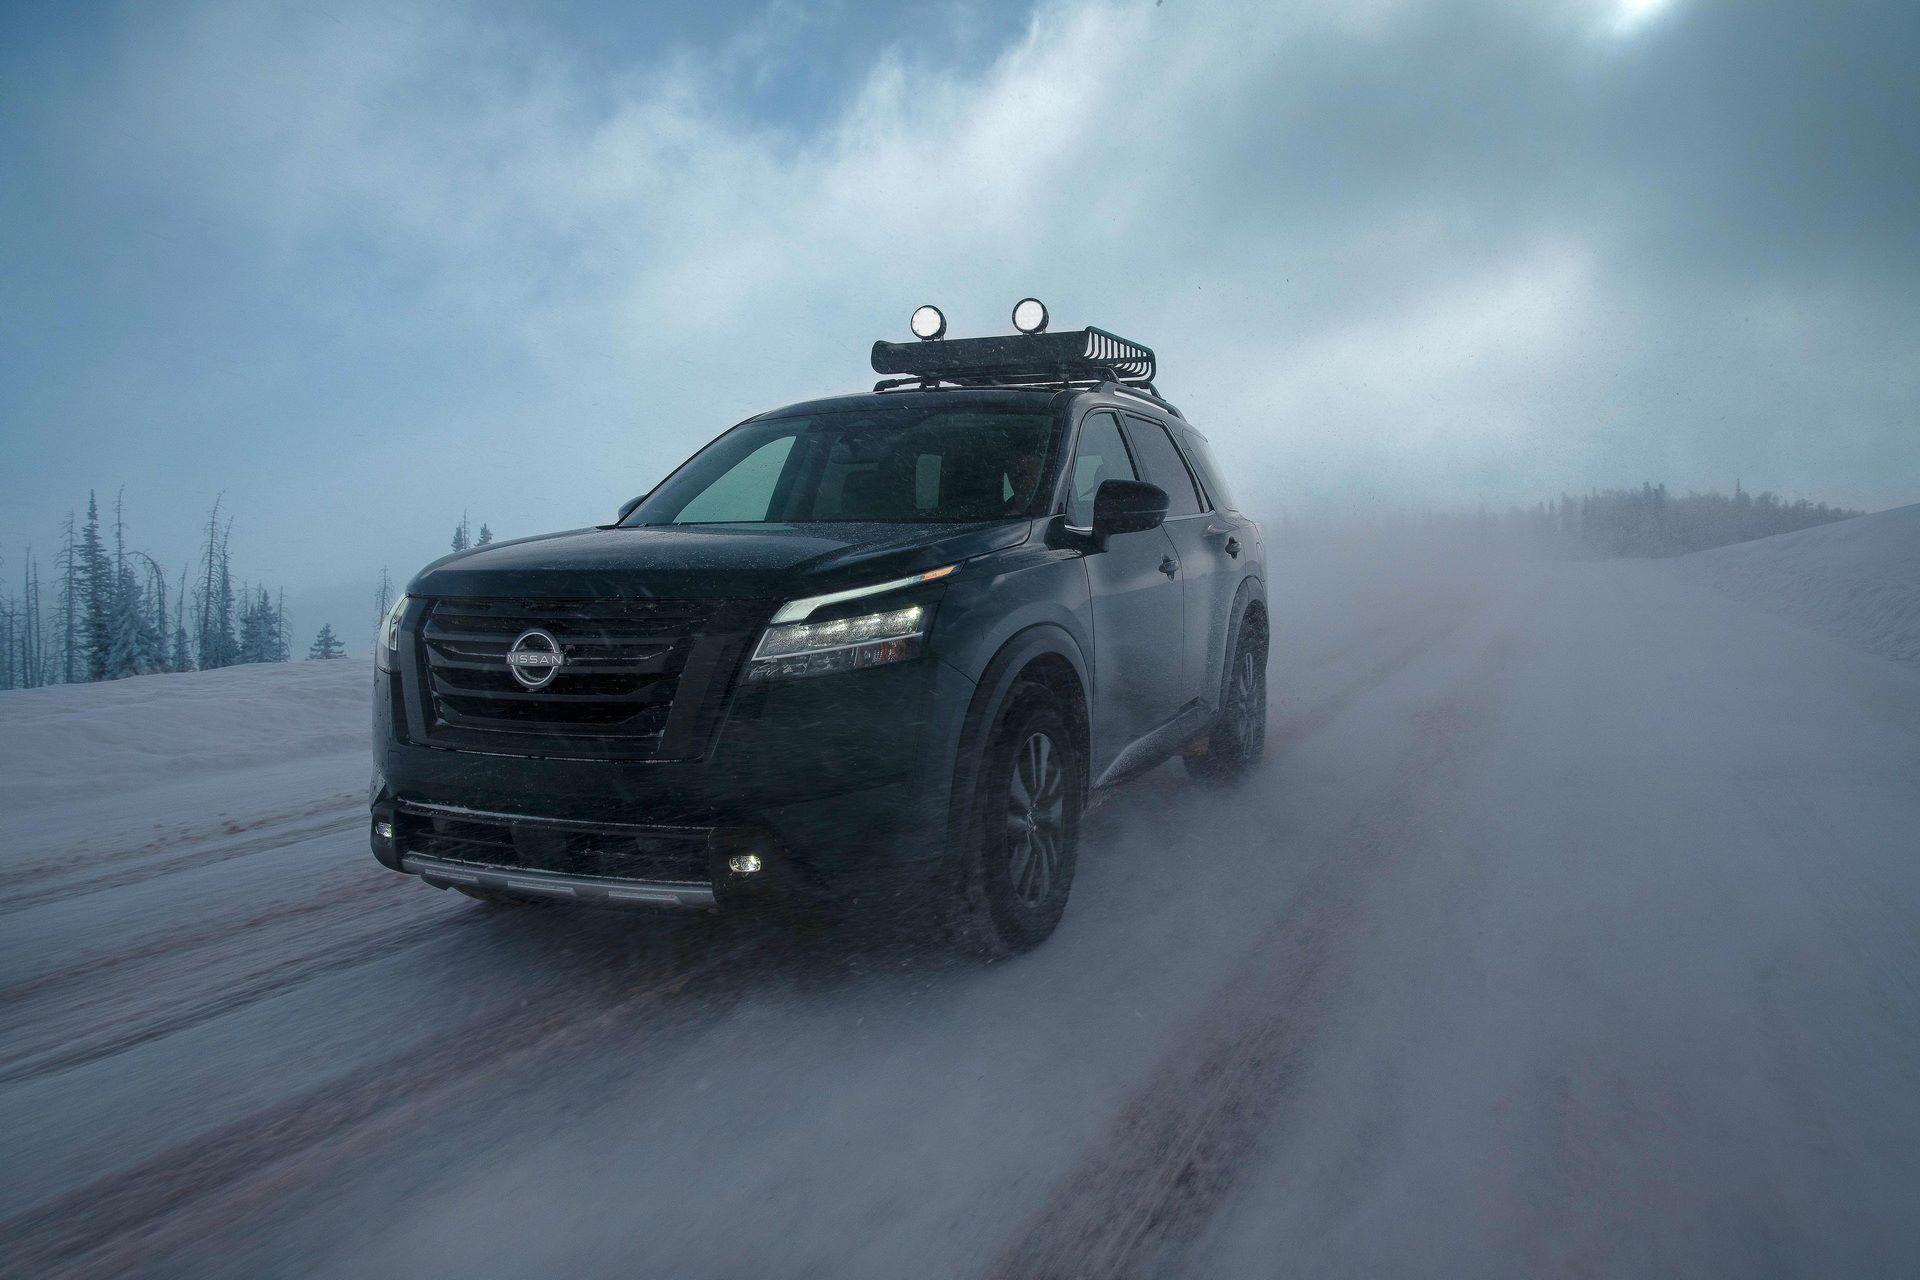 Nissan-Pathfinder-15